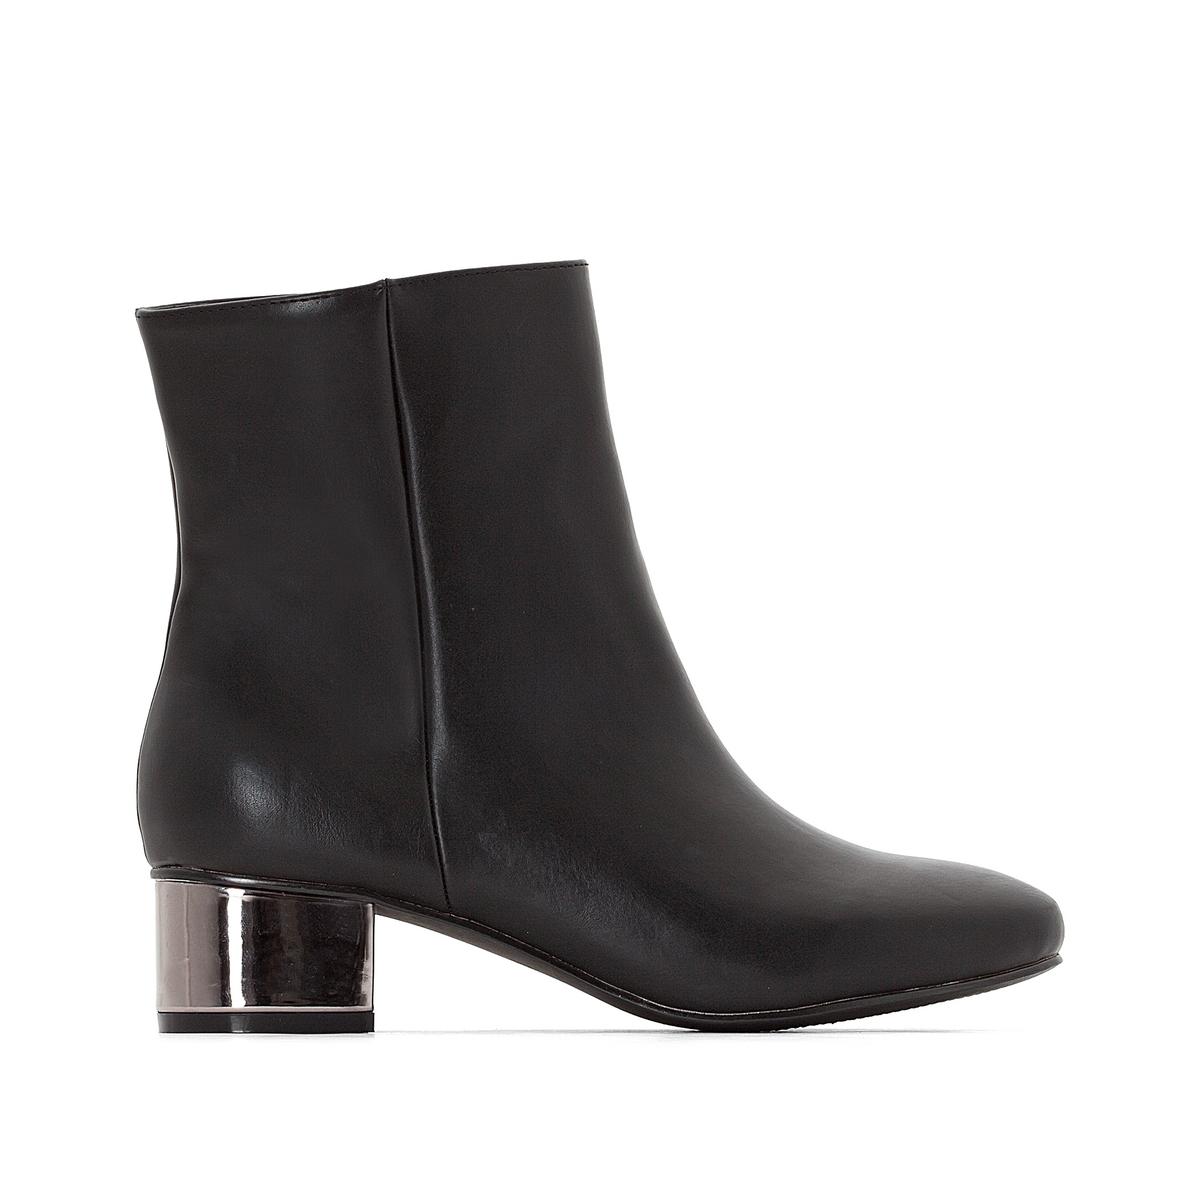 Ботильоны на оригинальном каблуке для широкой стопы 38-45Описание:Детали •  Высота голенища : 14 см для размера 38 •  Высота каблука : 5 см •  Застежка : на молнию •  Круглый мысок •  Гладкая отделкаСостав и уход •  100% синтетический материал •  Подкладка : 100% текстиль •  Стелька : 100% кожа •  Подошва : 100% эластомер<br><br>Цвет: черный<br>Размер: 40